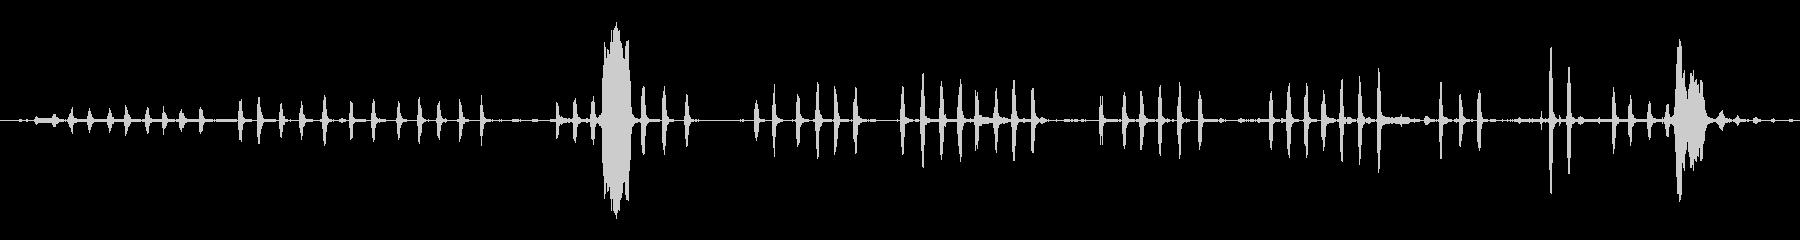 チキンクラッキングヘンハウスの未再生の波形